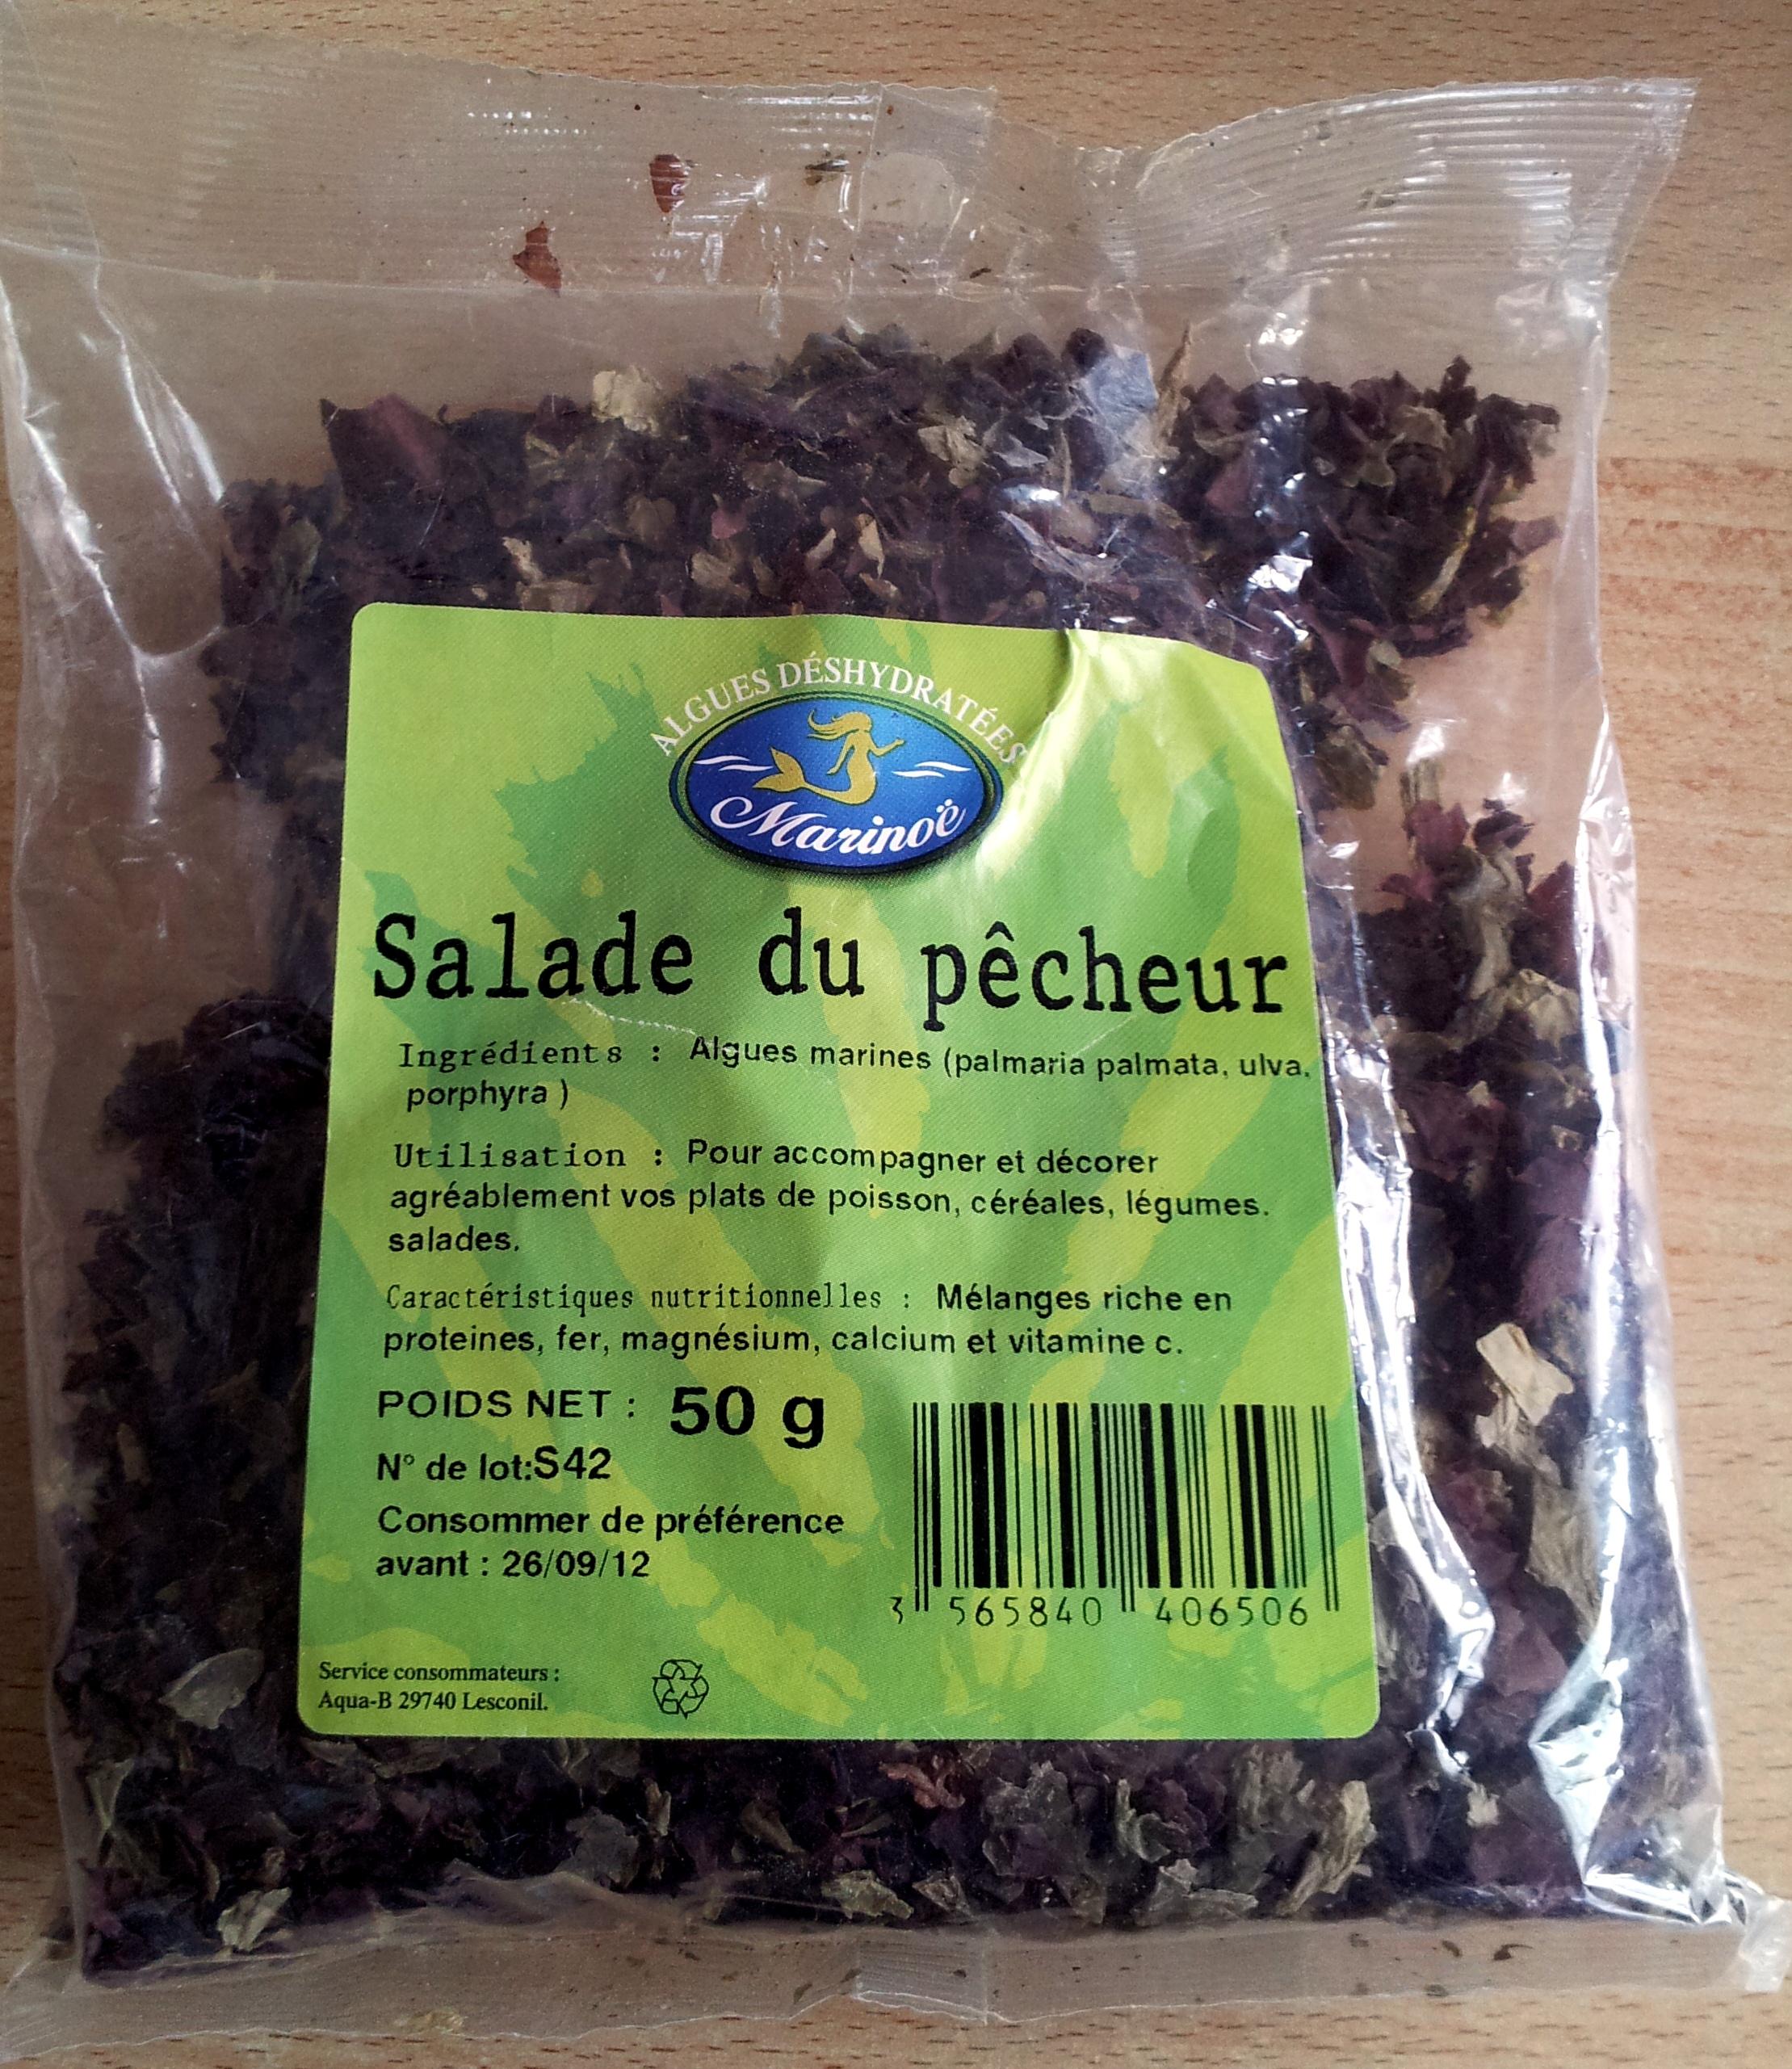 Algues déshydratées - Salade du pêcheur - Product - fr